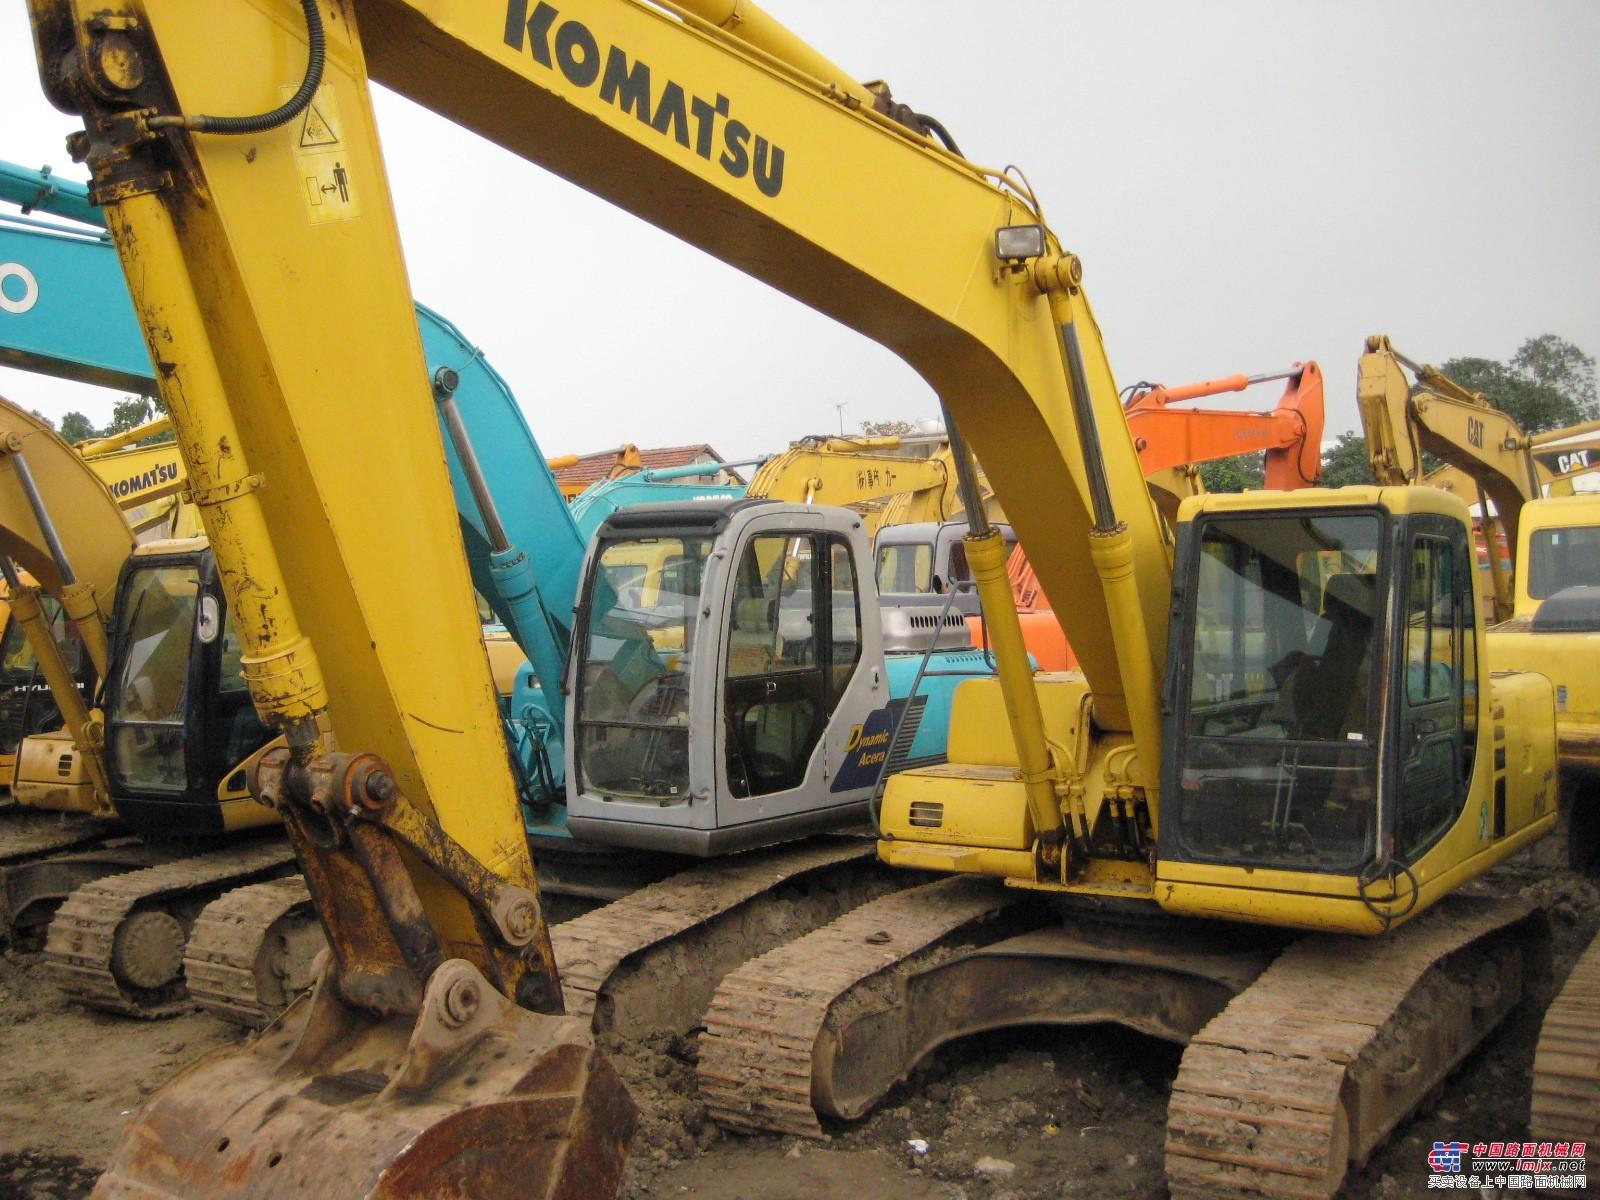 国产小型挖掘机排名_中国最大二手挖掘机市场|国产进口小型二手挖掘机价格信息_挖掘 ...